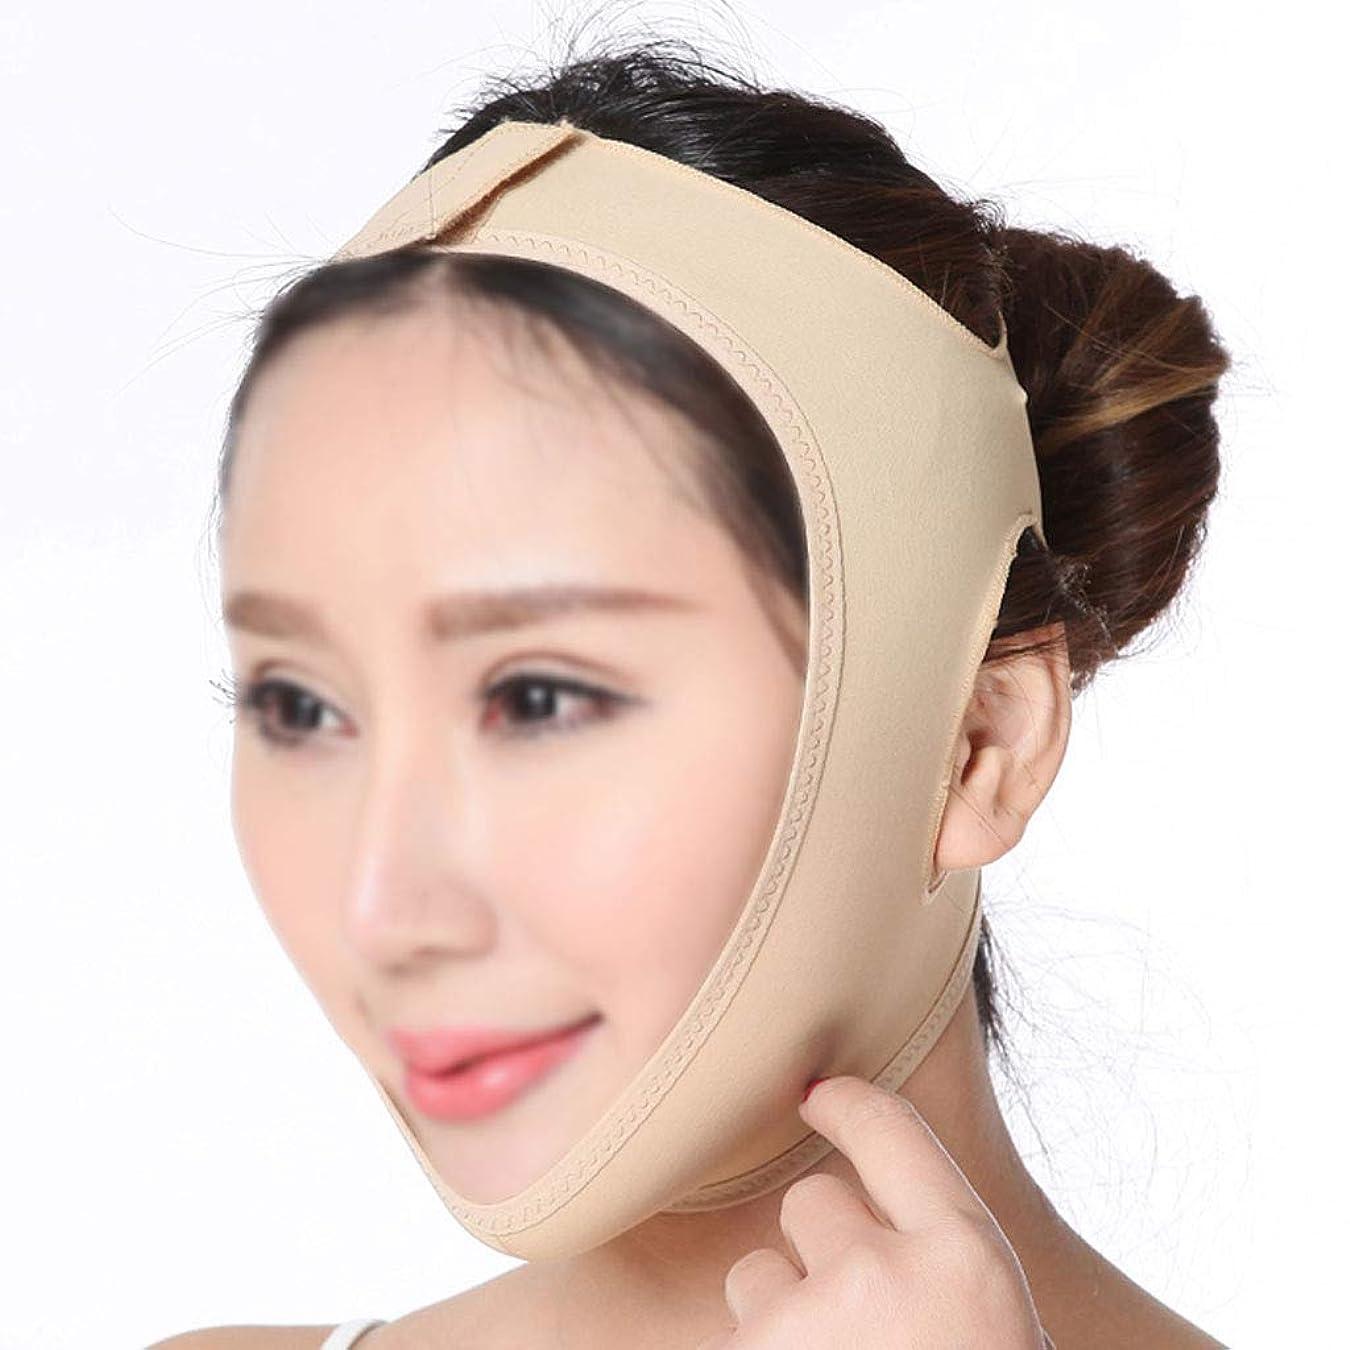 葡萄資本主義サバントGLJJQMY 薄い顔のアーティファクトVマスク薄い顔の包帯/顔の引き締め痩身包帯通気性二重あご減量マスク 顔用整形マスク (Size : L)